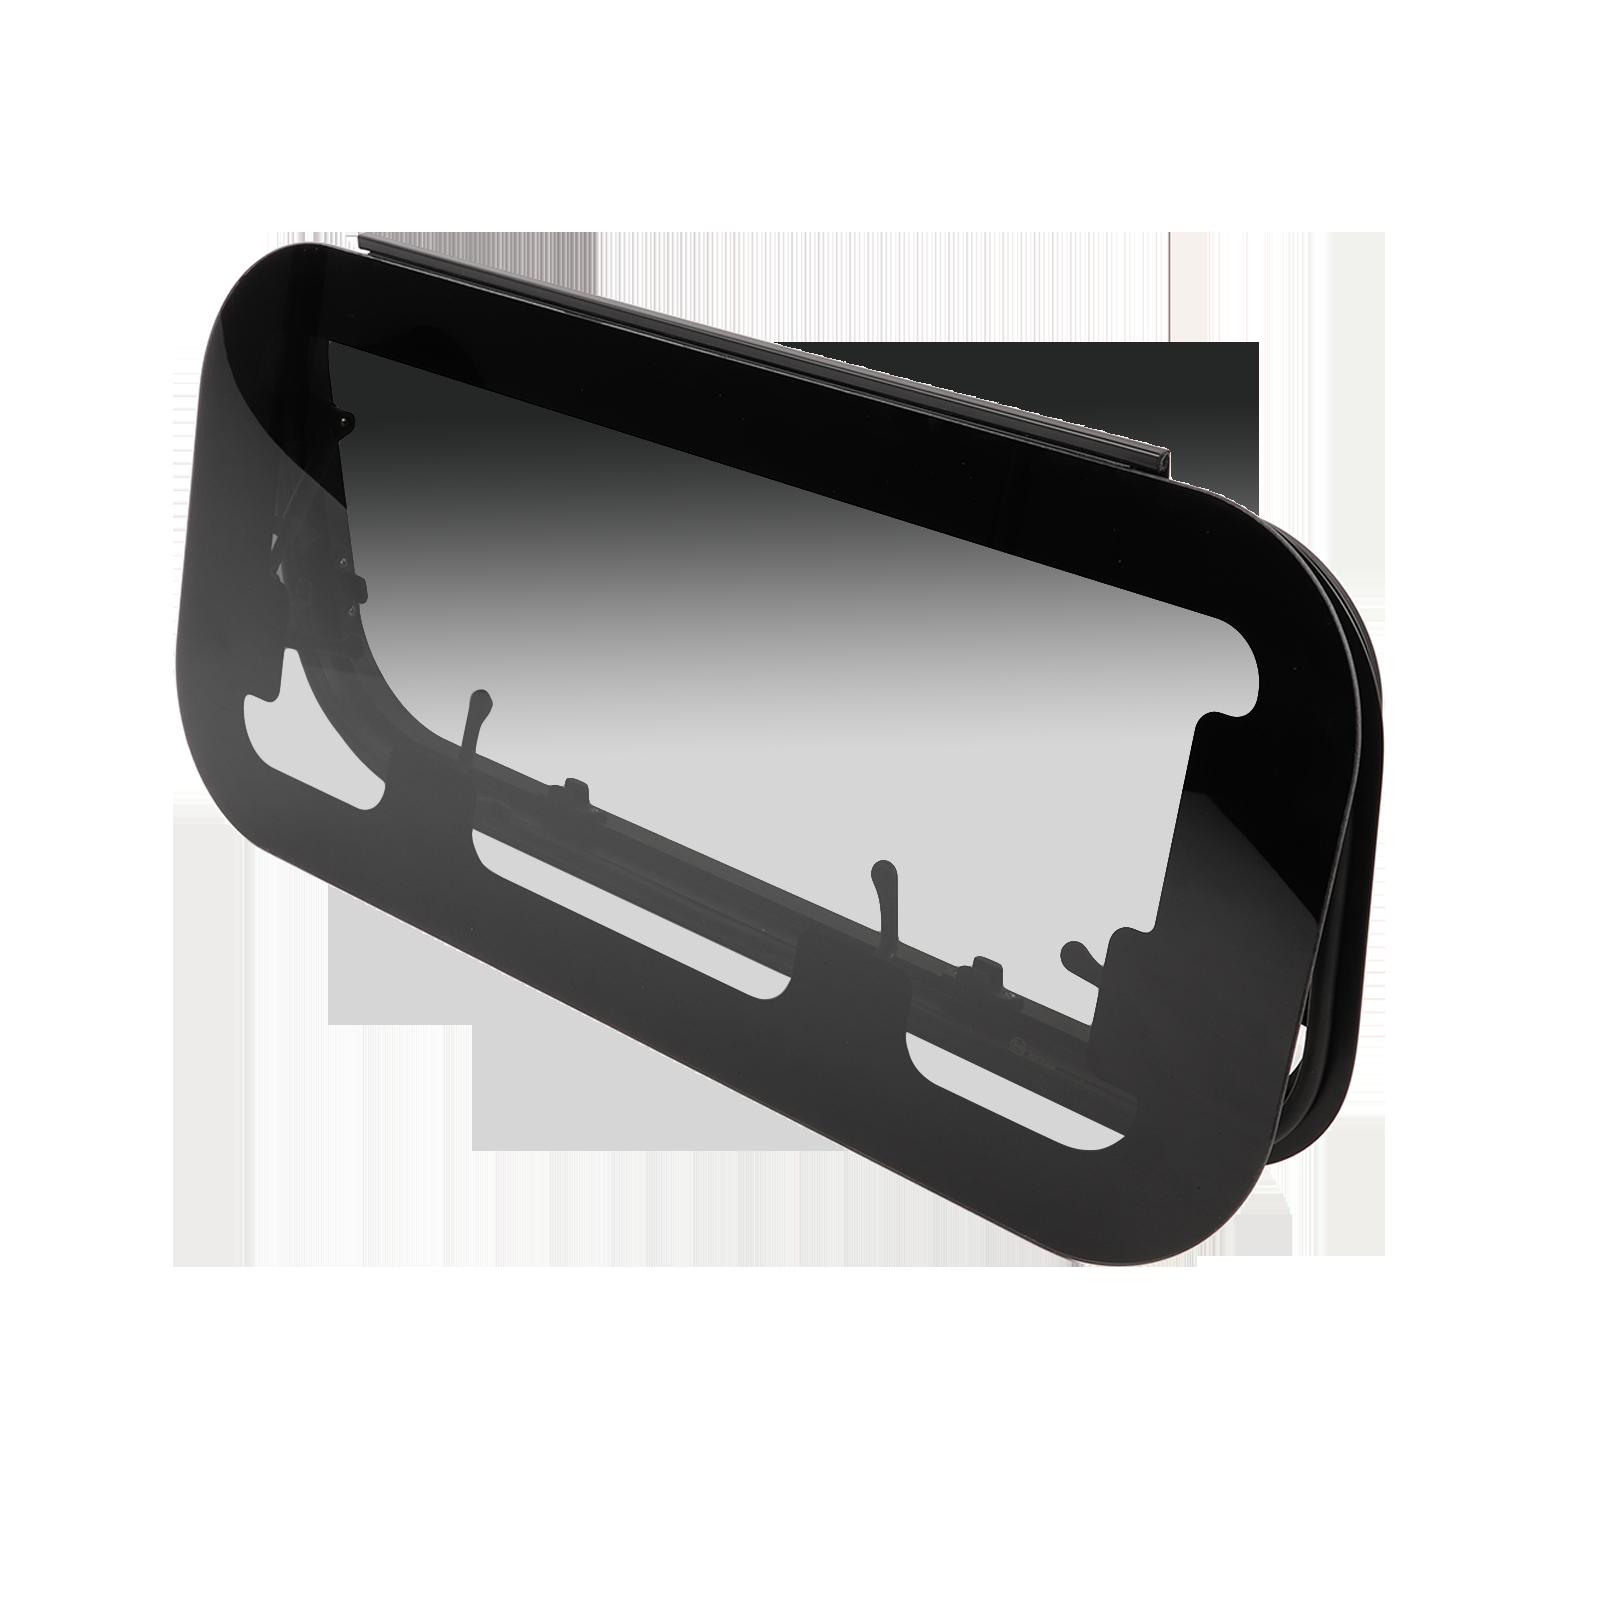 Ausstellfenster aus Echtglas | Fenster für Kastenwagen | verschiedene Größen